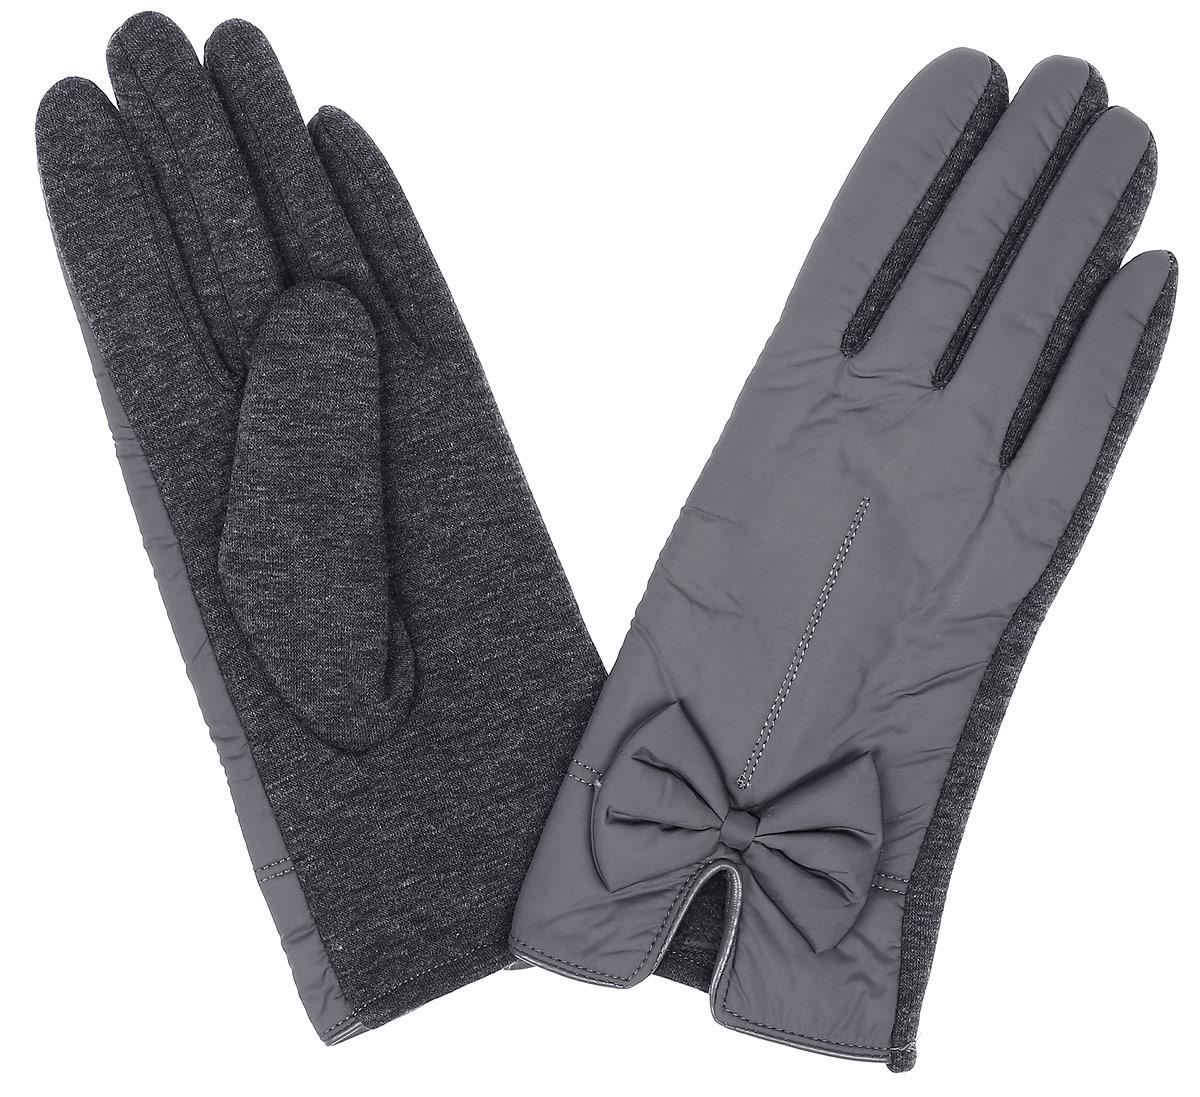 Перчатки женские Finn Flare, цвет: темно-серый. W16-11305_202. Размер 6,5W16-11305_202Стильные женские перчатки Finn Flare изготовленные из высококачественных материалов на подкладке из полиэстера, станут идеальным вариантом для прохладной погоды. Они хорошо сохраняют тепло, мягкие, идеально сидят на руке и отлично тянутся. Перчатки оформлены отстрочками и небольшими декоративными бантиками.